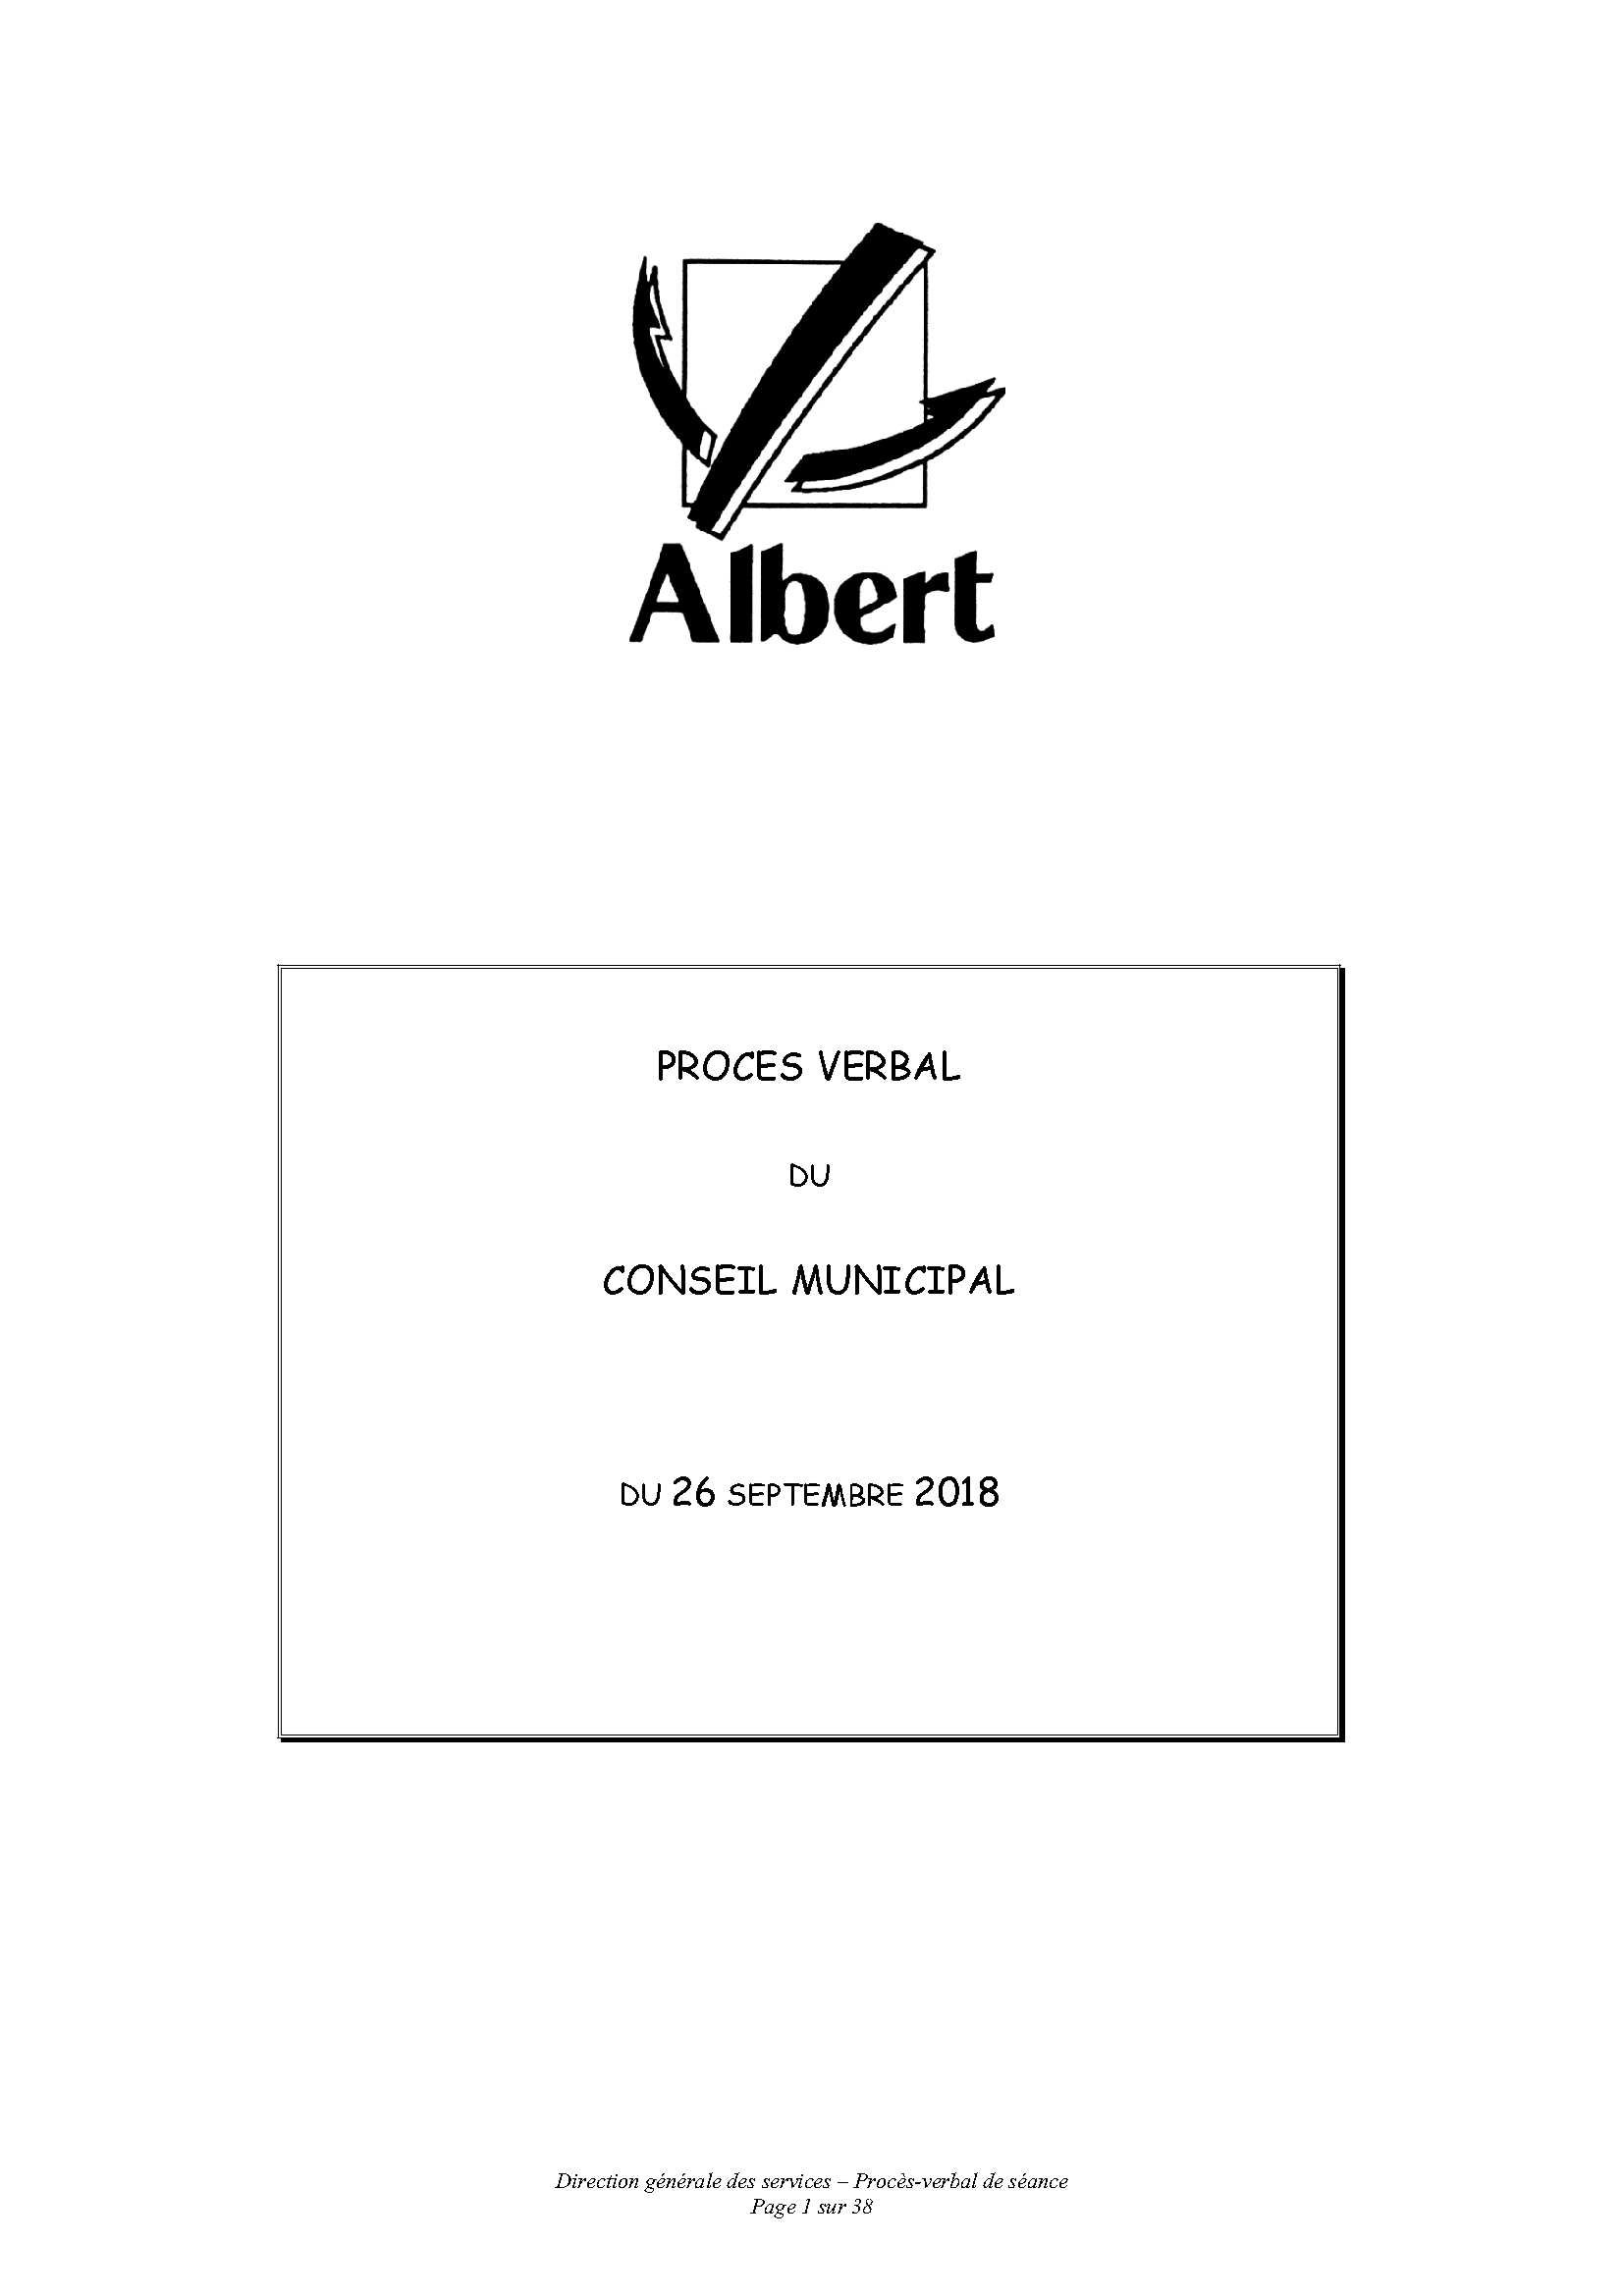 PROCES VERBAL DU CONSEIL MUNICIPAL DU 26 SEPTEMBRE 2018